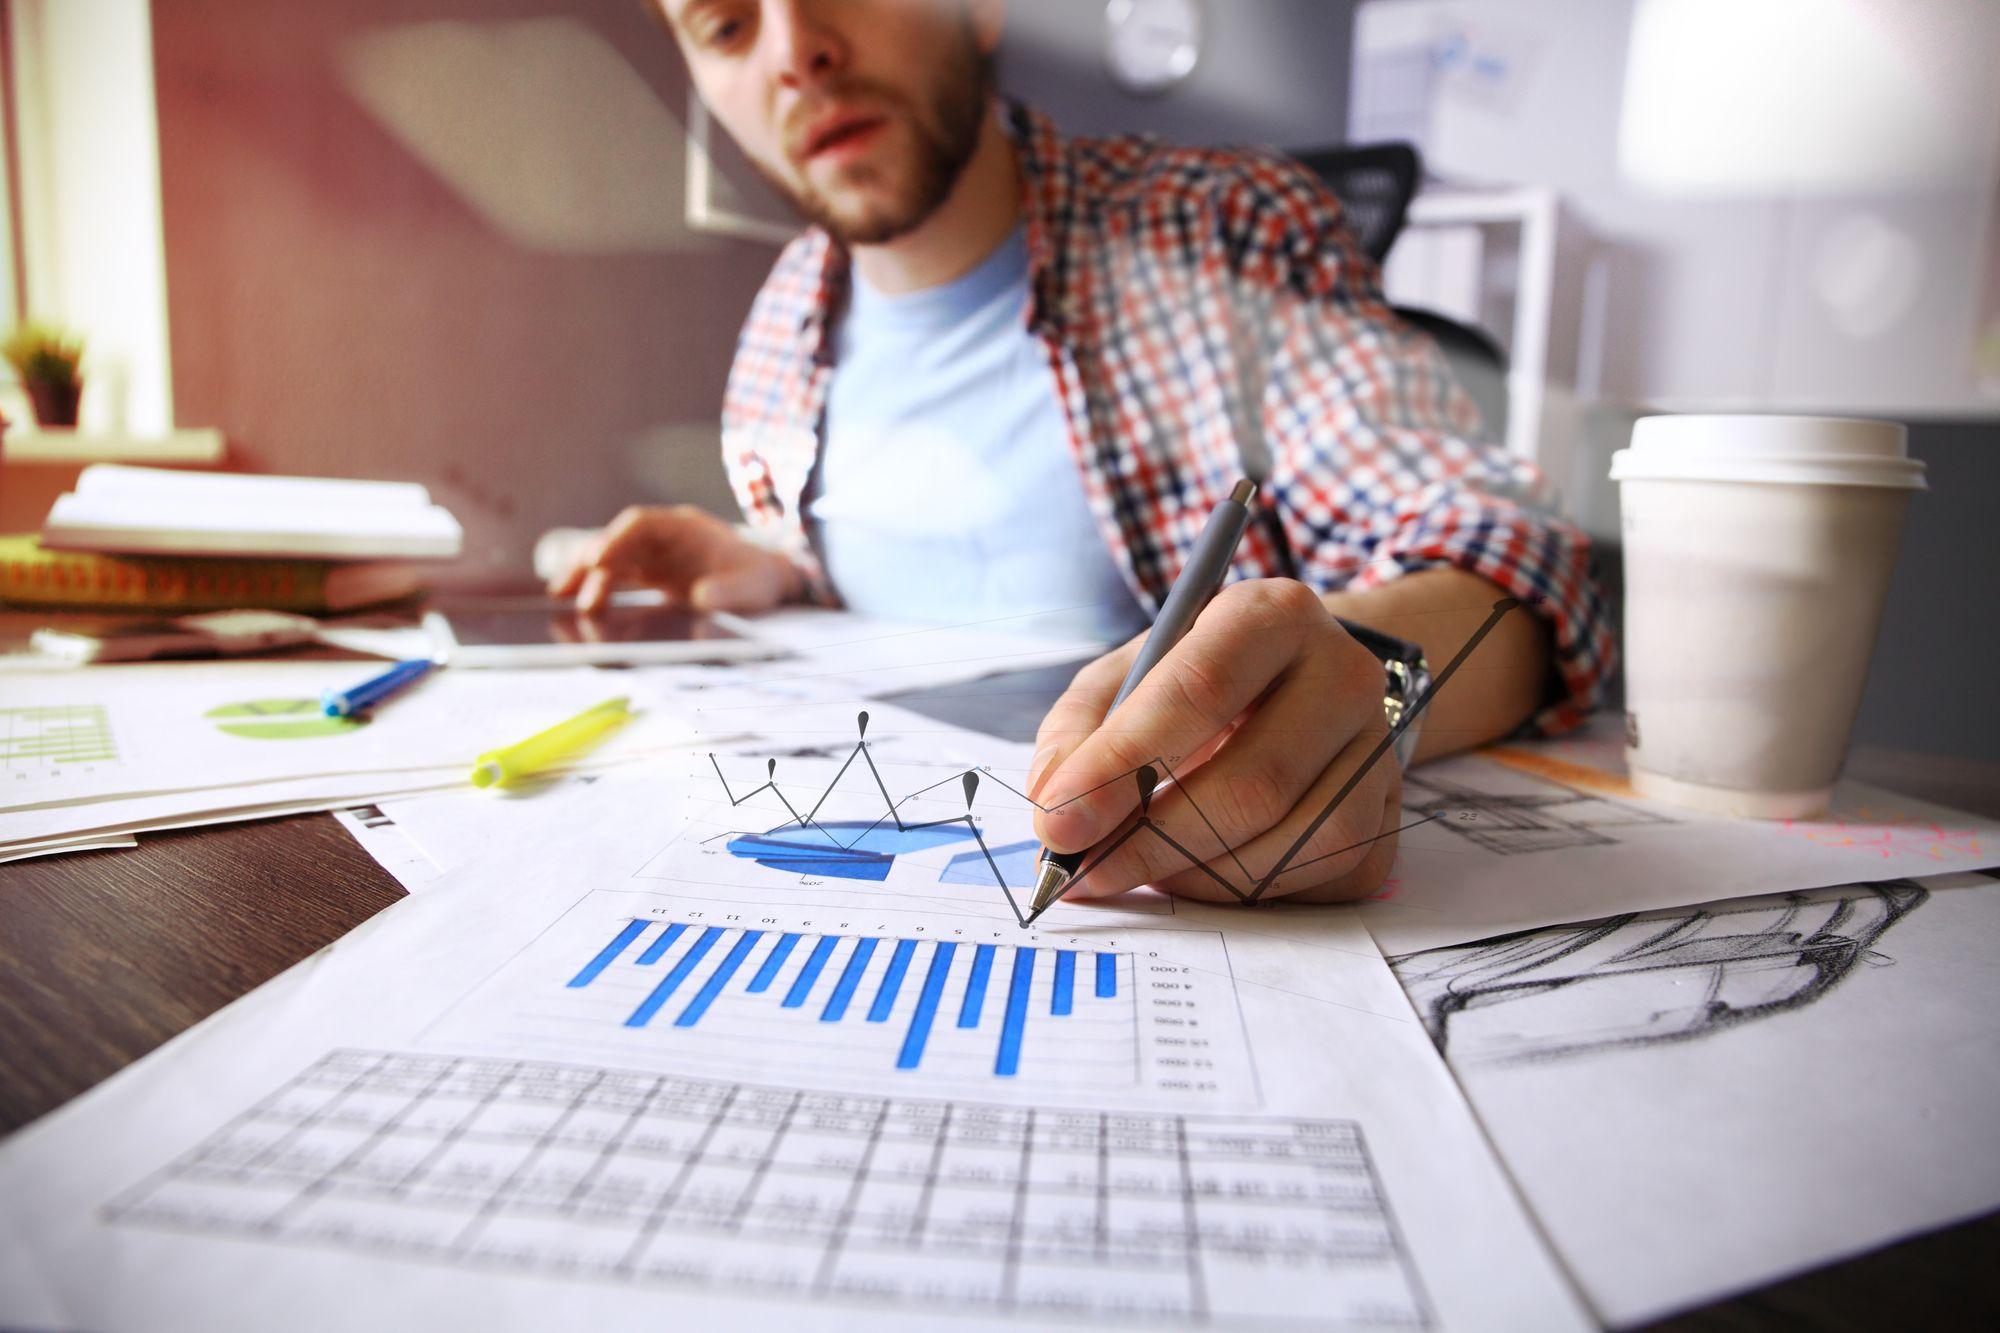 Wie mache ich eine Entwicklungs-Analyse in meiner Bachelorarbeit oder Masterarbeit?